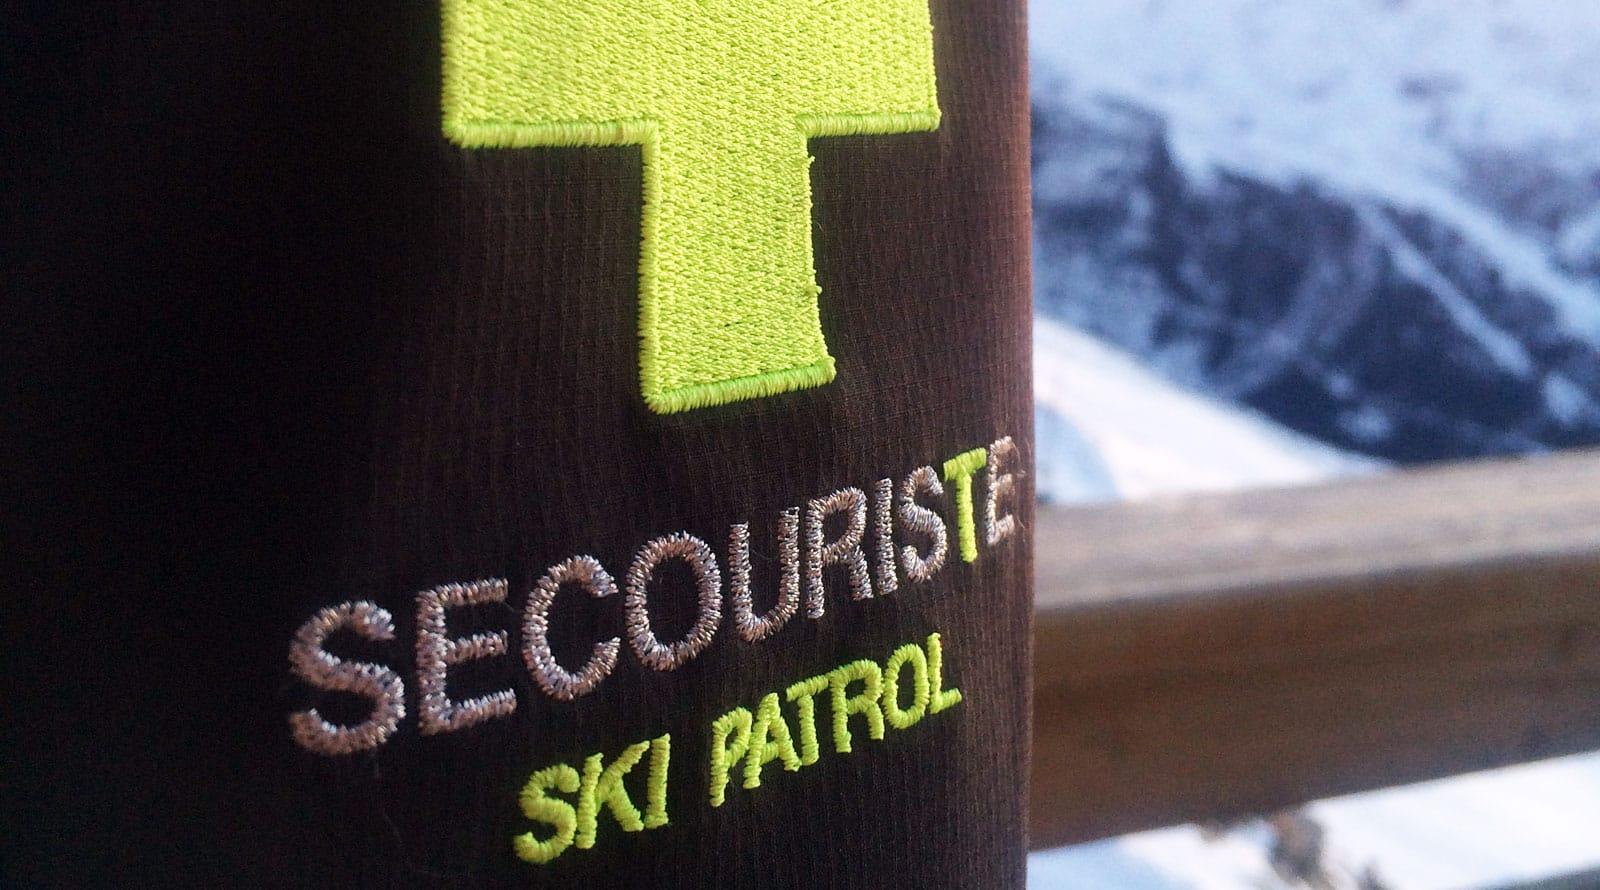 « Avalanches et skieurs fous, danger sur les pistes » un film du dijonnais Benoît LANET à voir dans 90' Enquêtes sur TMC mardi 1er mars à 20h55